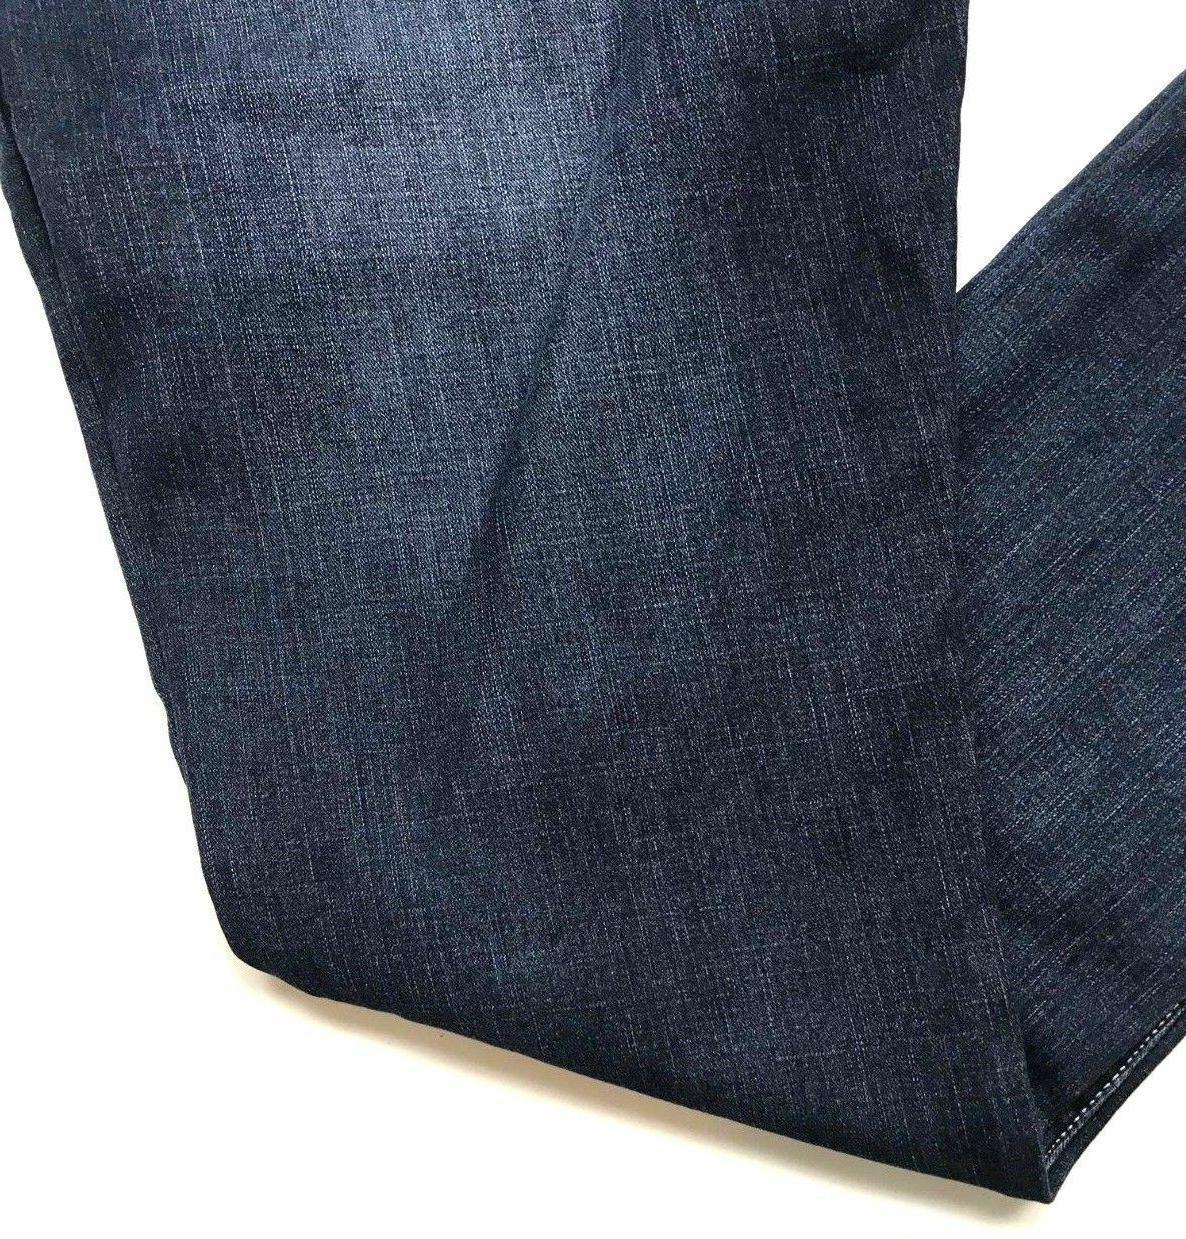 Weatherproof Vintage Jeans